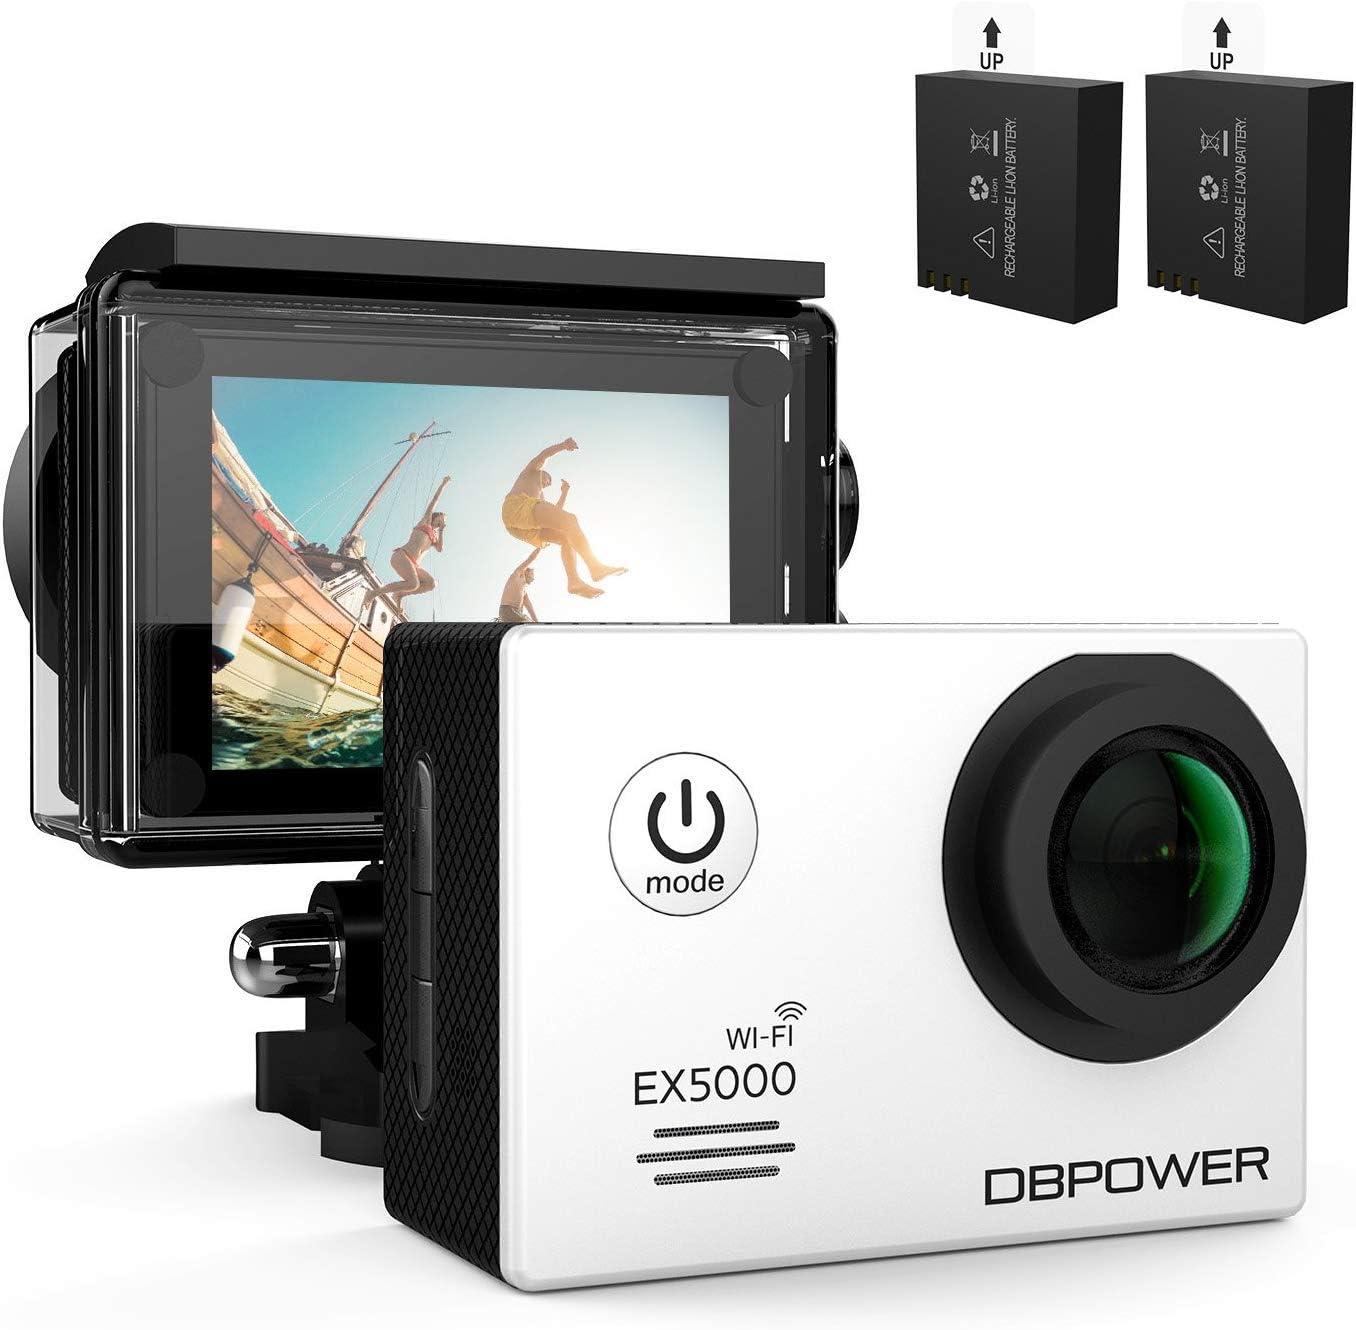 DBPOWER SJ4000 Cámara de acción impermeable WiFi 12 MP 1080P HD con 2 baterías y kit de accesorios gratis, color plateado: Amazon.es: Deportes y aire libre